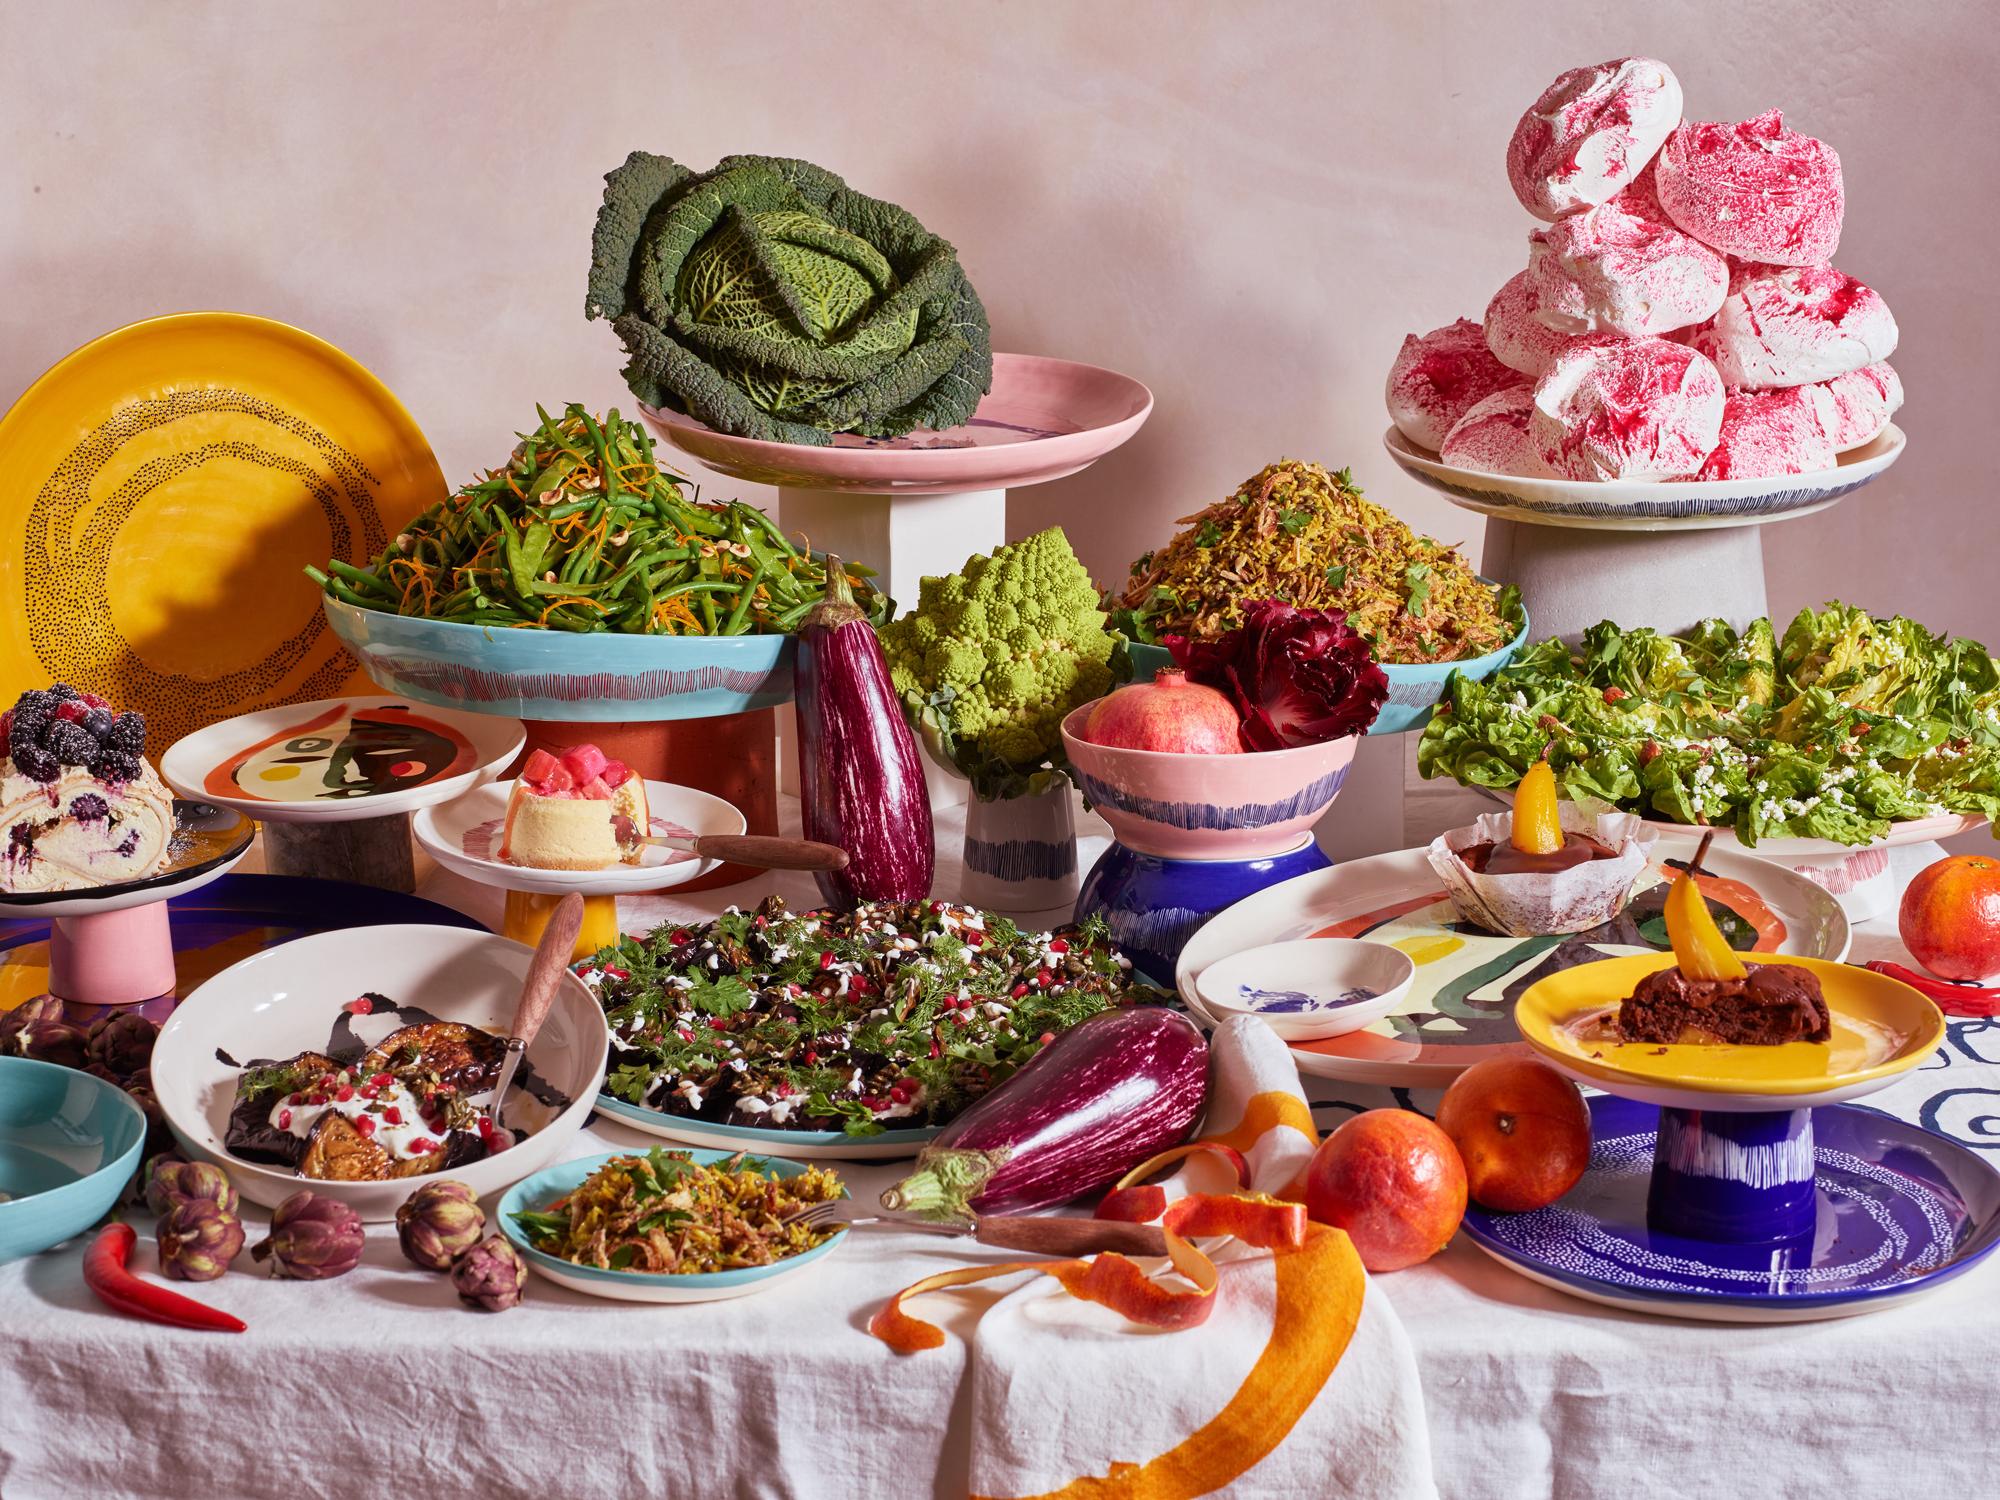 Trend #4: Spielerische ElementeYotam Ottolenghi, Feast, Serax. Foto/ Copyright: Hersteller